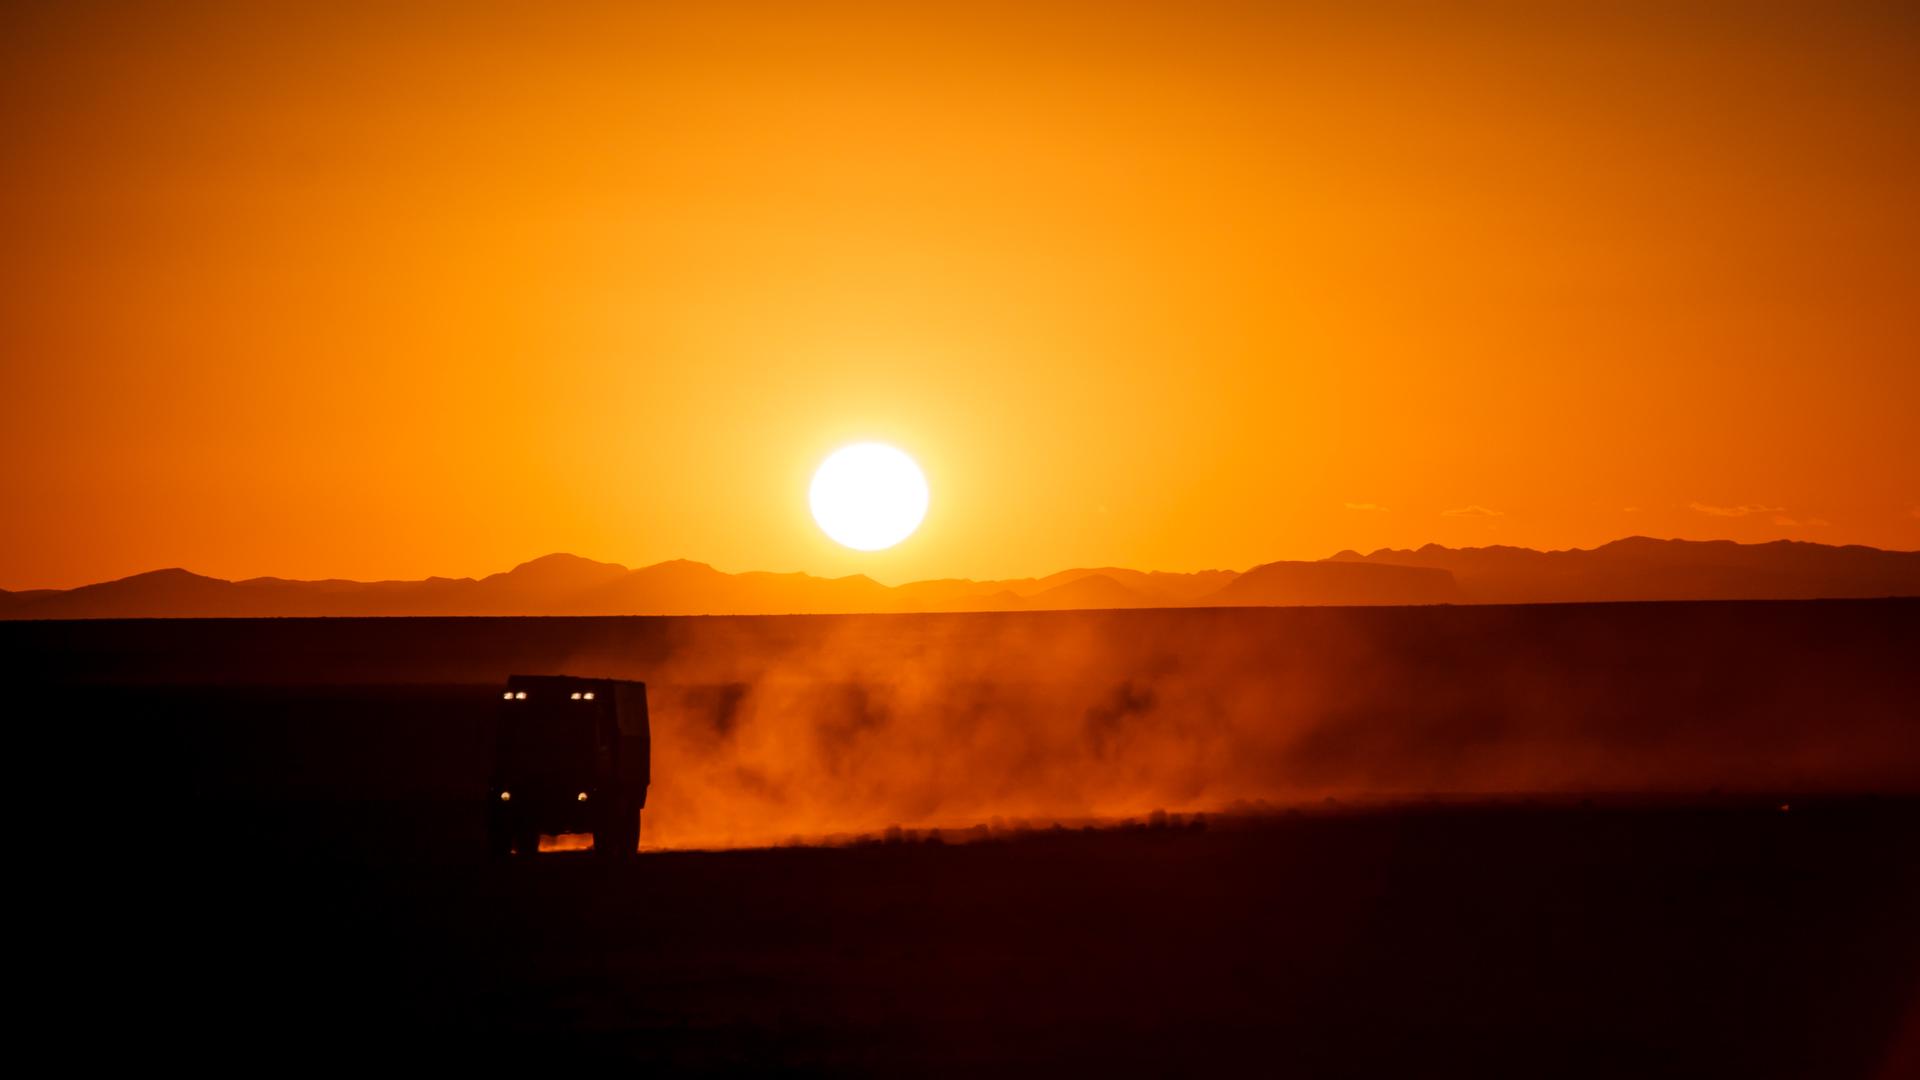 Sonnenuntergang in der Wüstenebene